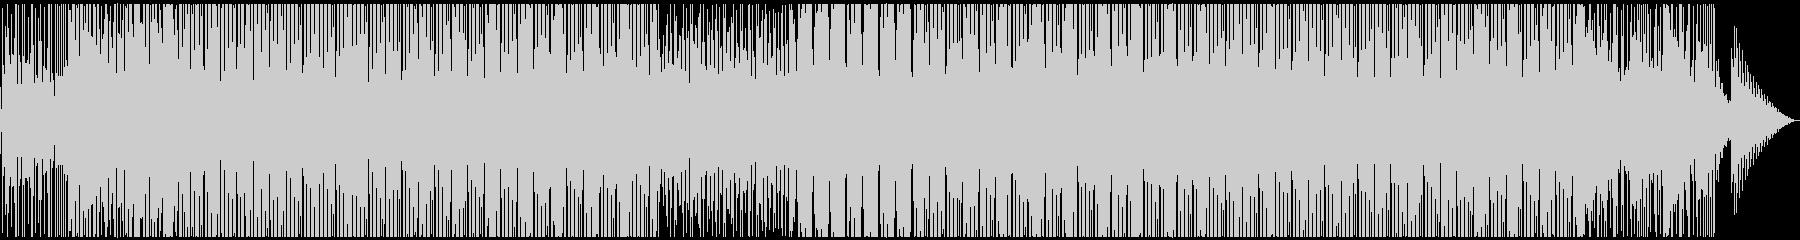 【ダンス】シンセ ボンゴ ミニマル の未再生の波形